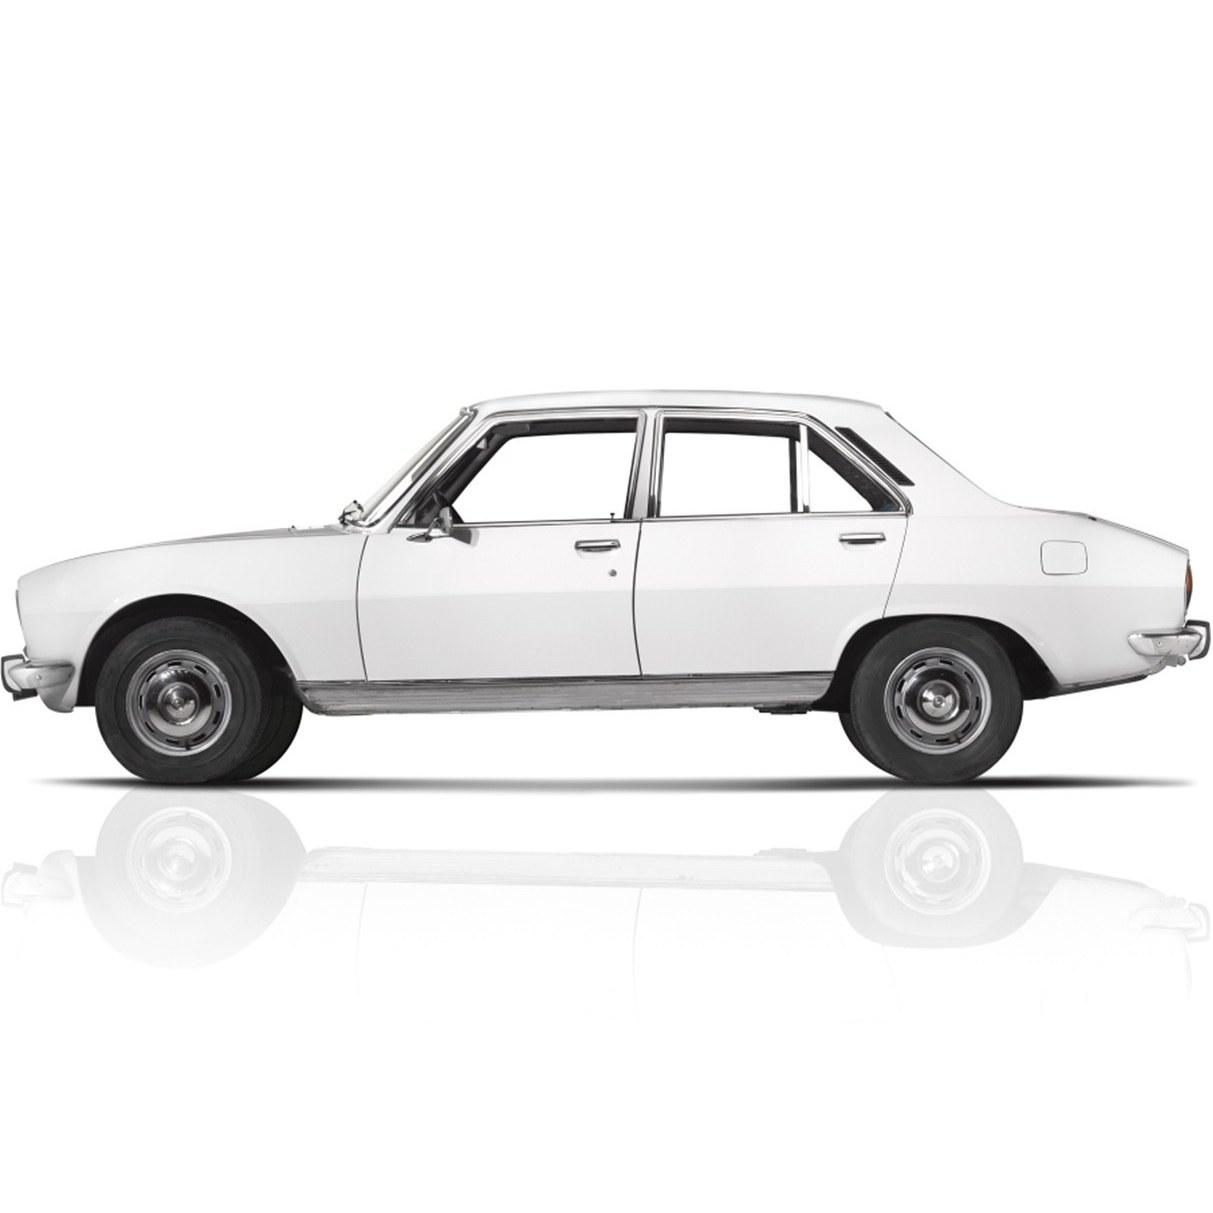 عکس خودرو پژو 504 GL دنده ای سال 1973 Peugeot 504 GL 1973 MT خودرو-پژو-504-gl-دنده-ای-سال-1973 2